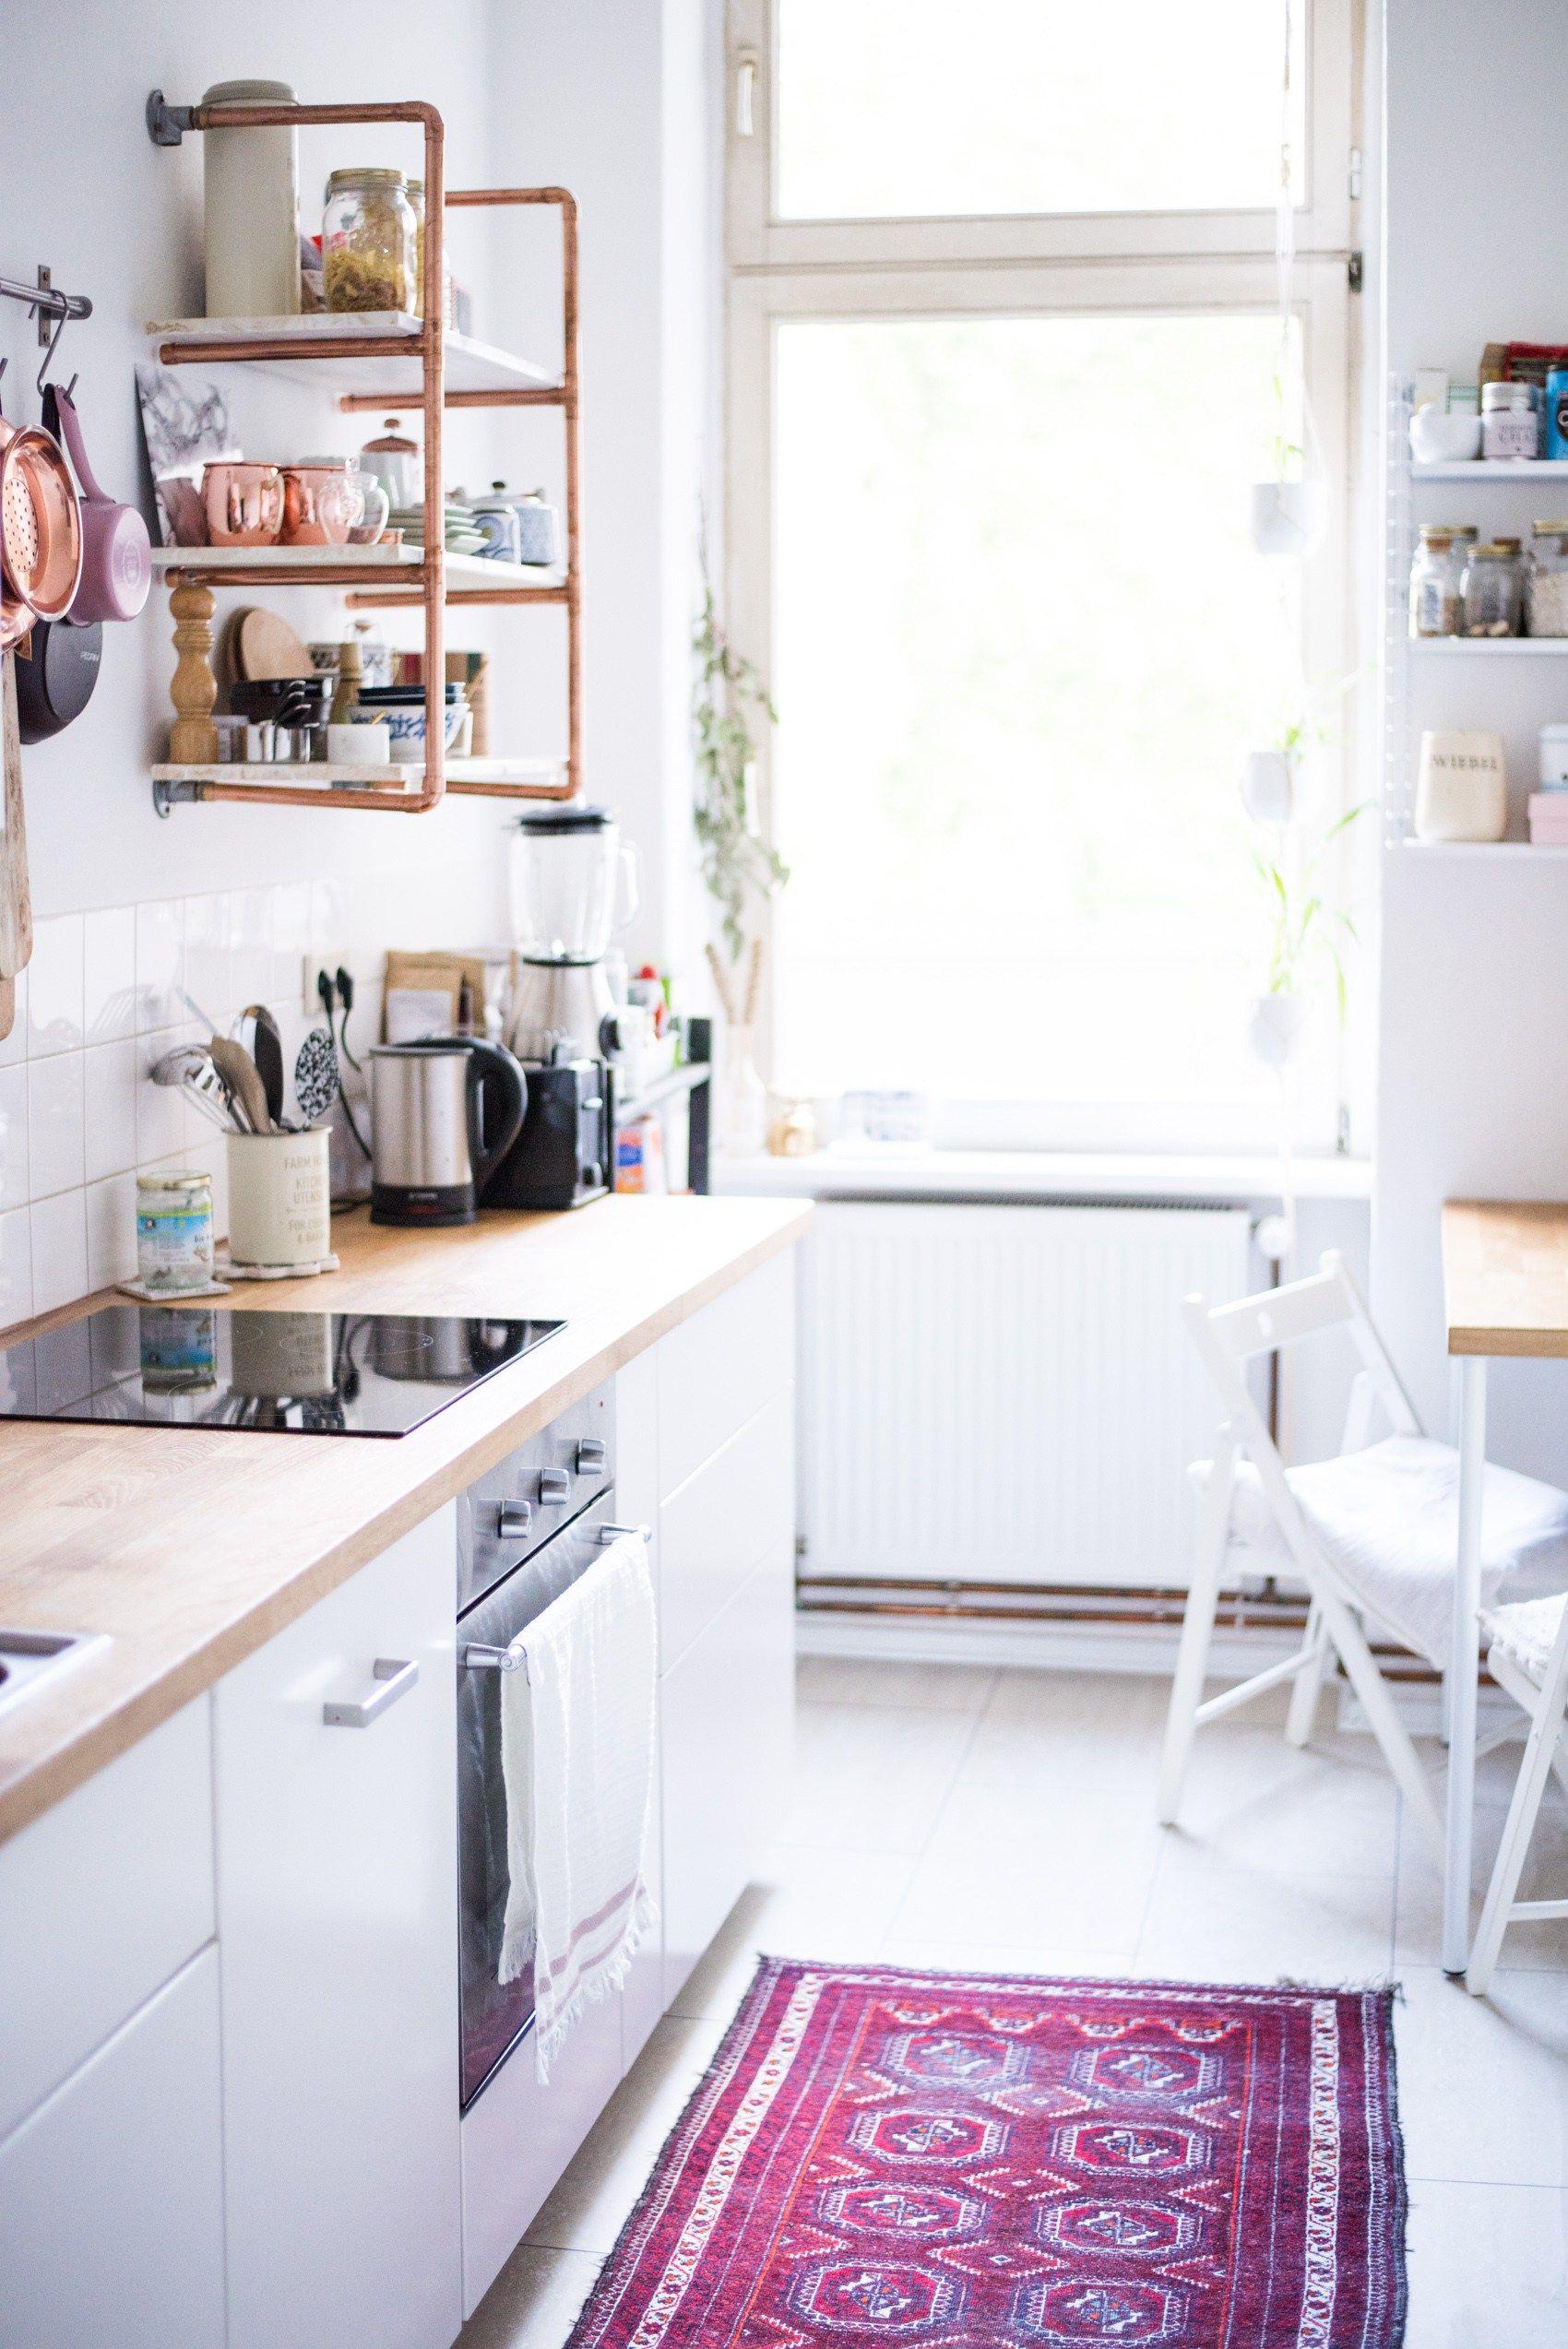 10 low budget interior tips for your kitchen | Küche, Wohnen und ...